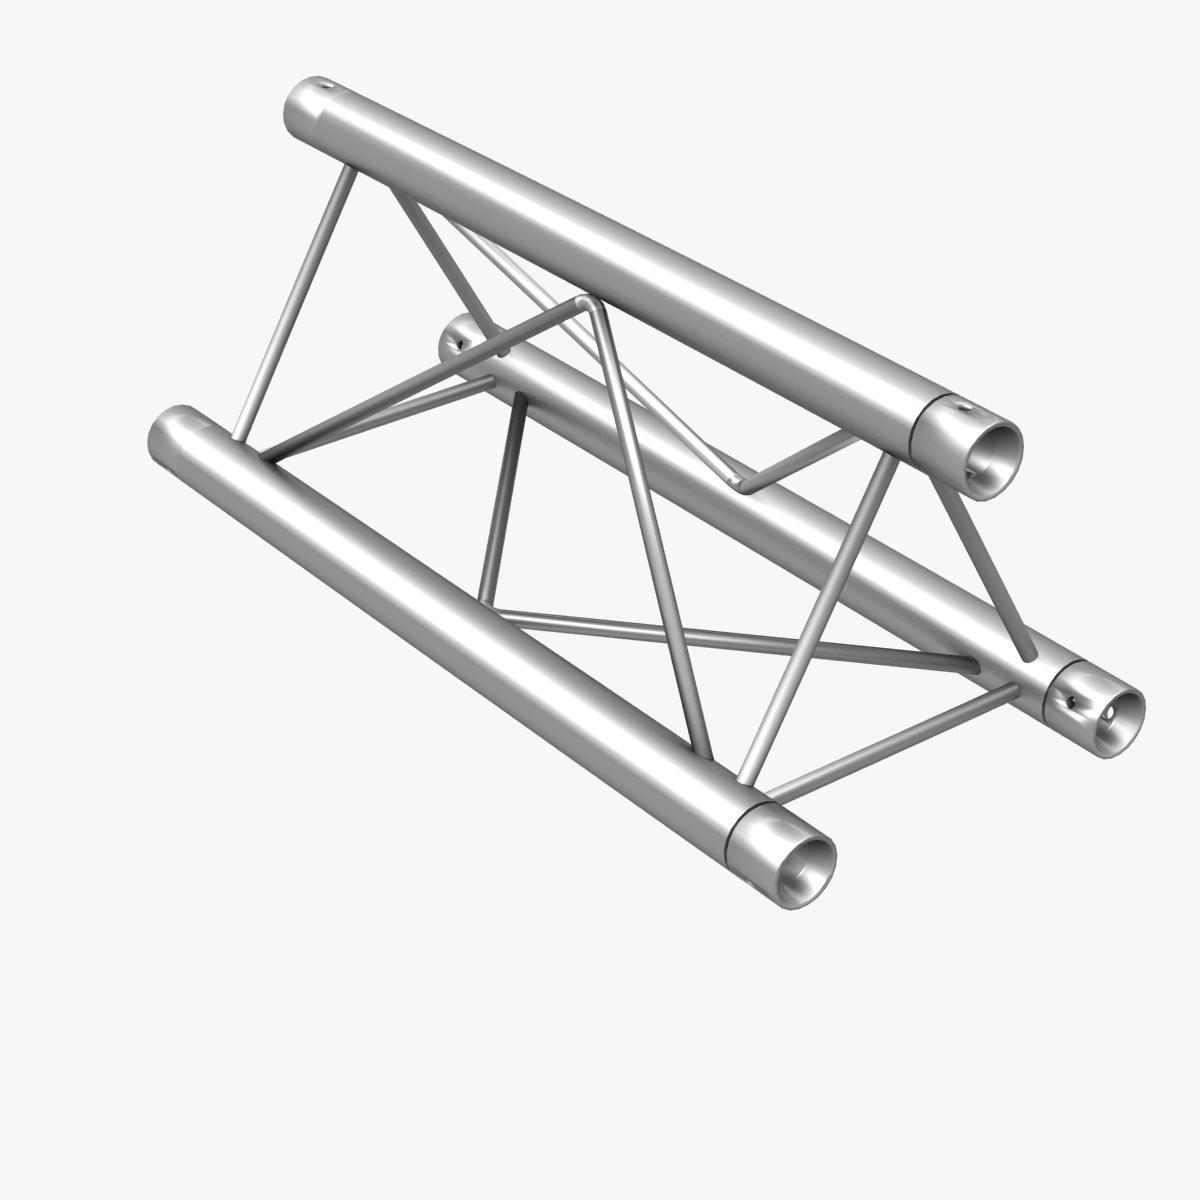 Mini triangular truss straight segment 111 3d model buy for Buy truss